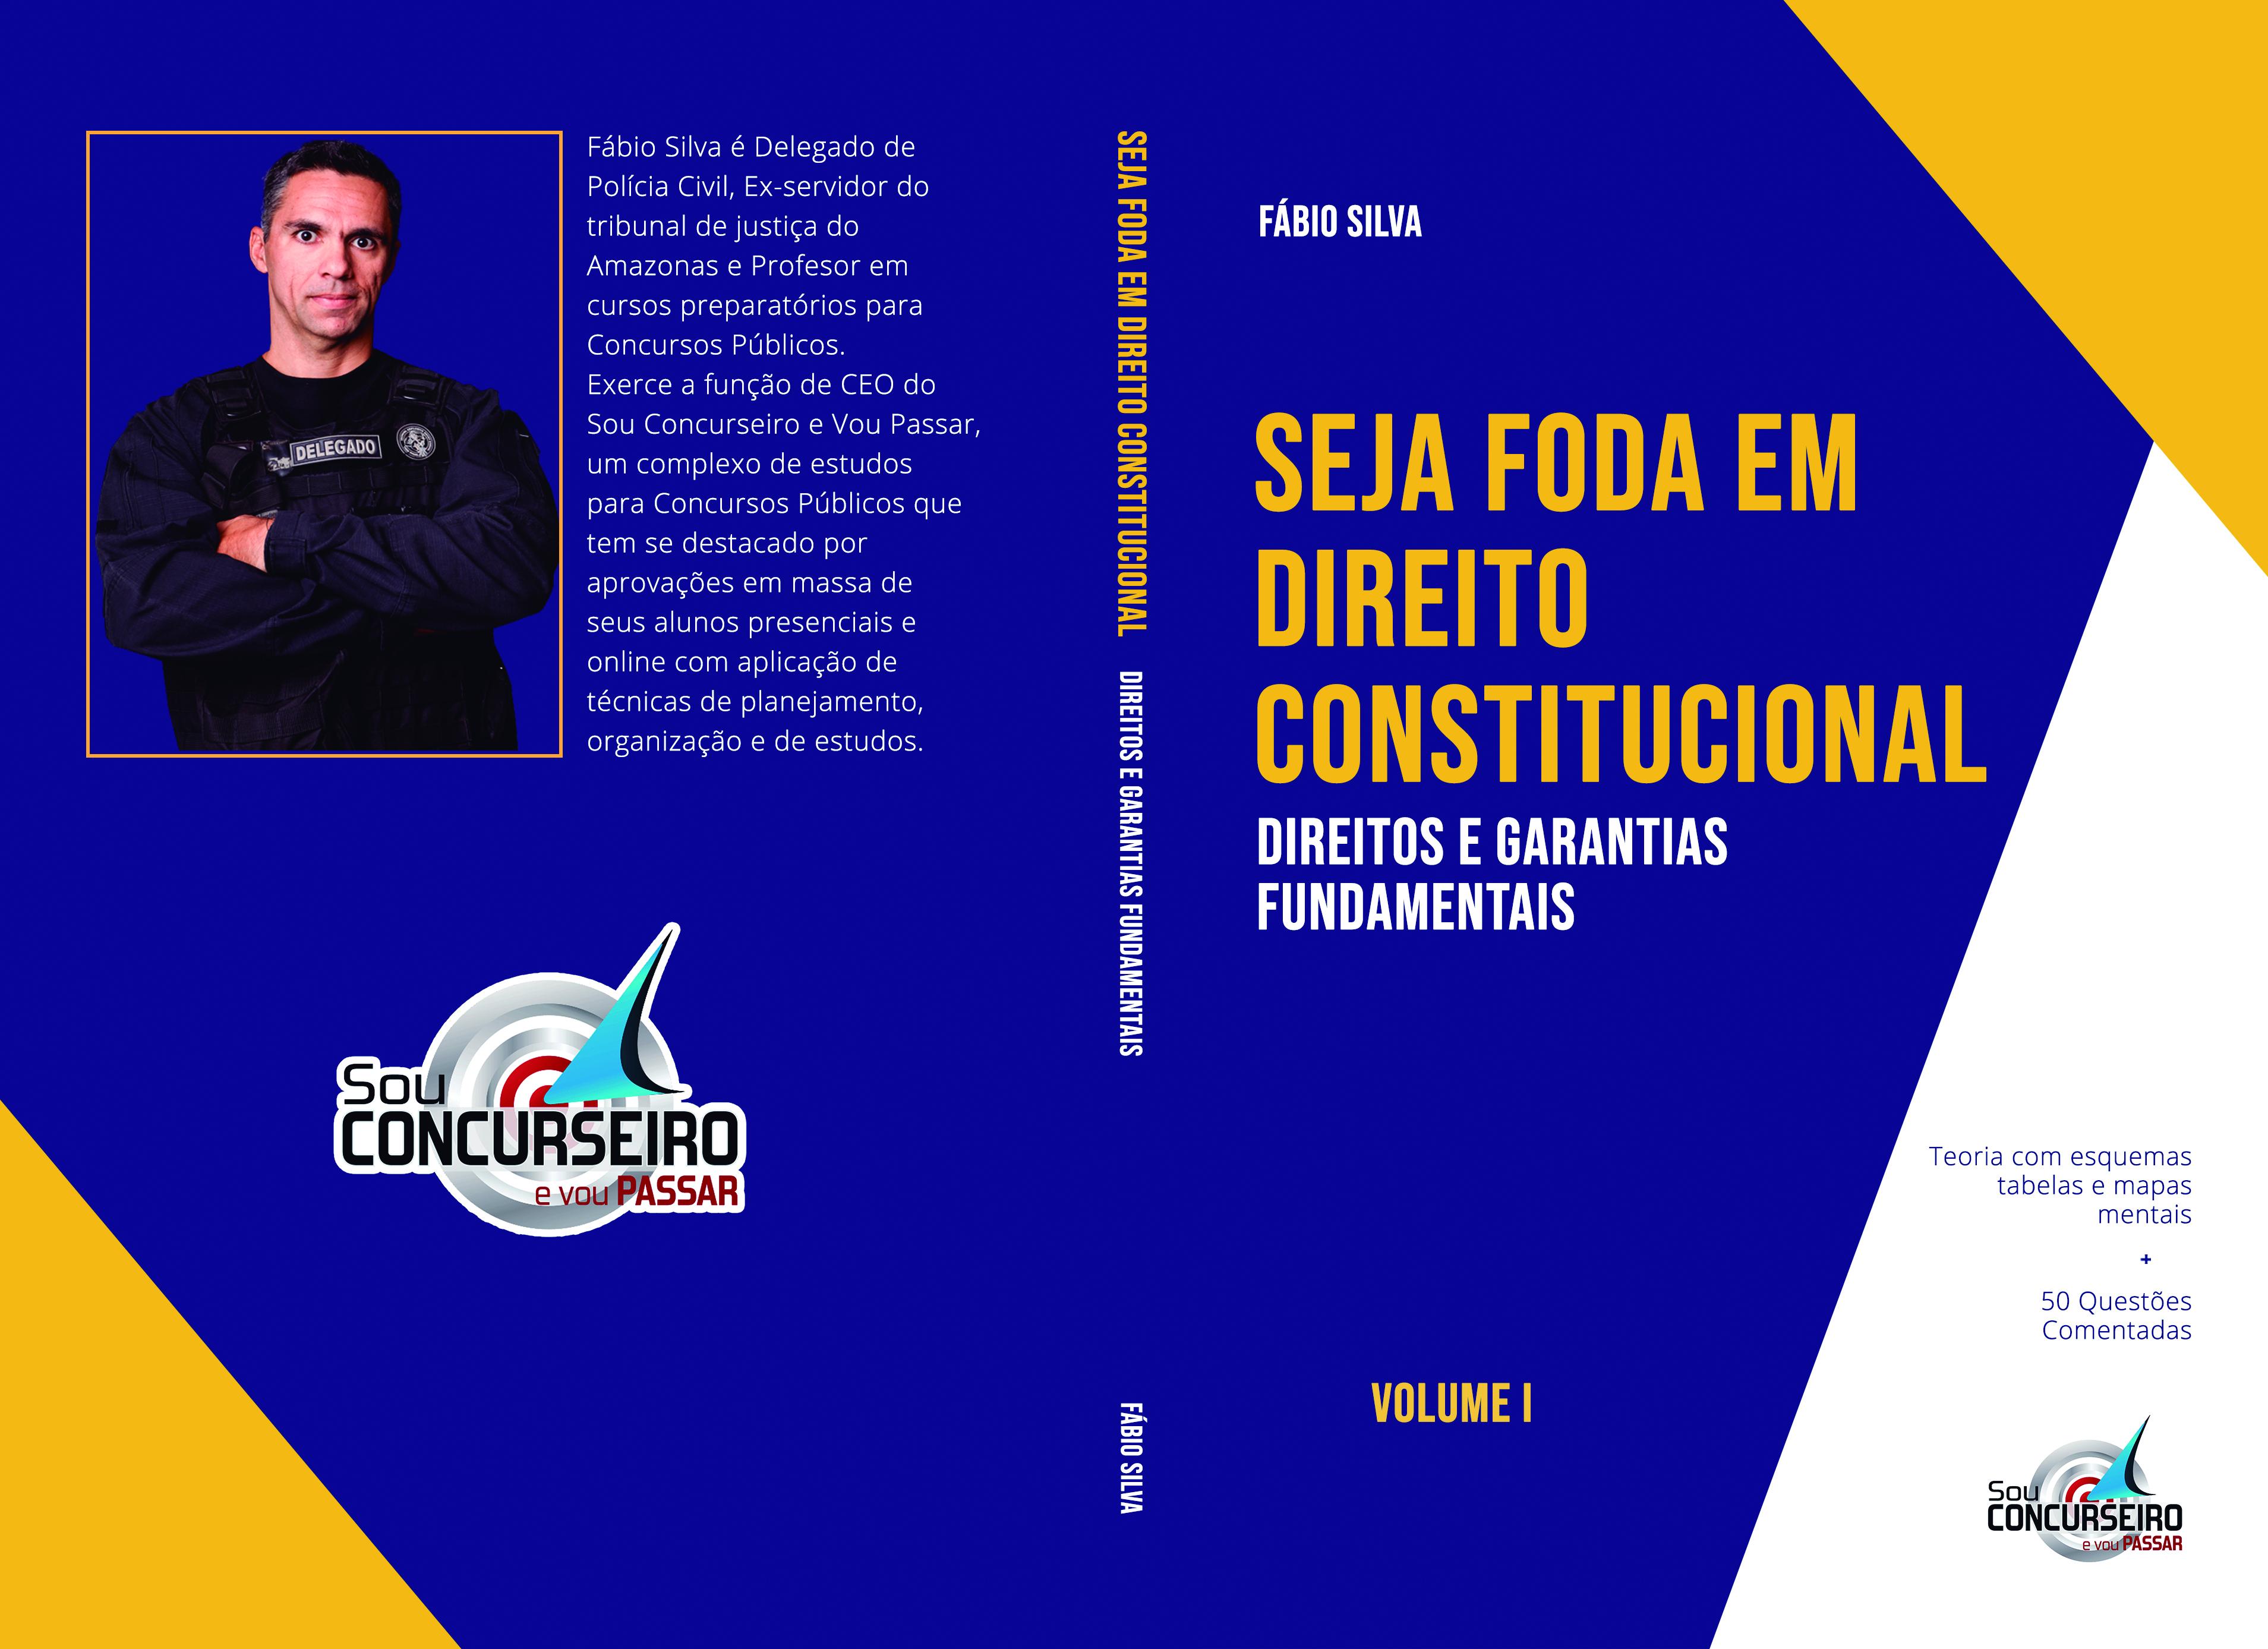 EBOOK   SEJA FODA EM DIREITO CONSTITUCIONAL - VOLUME I